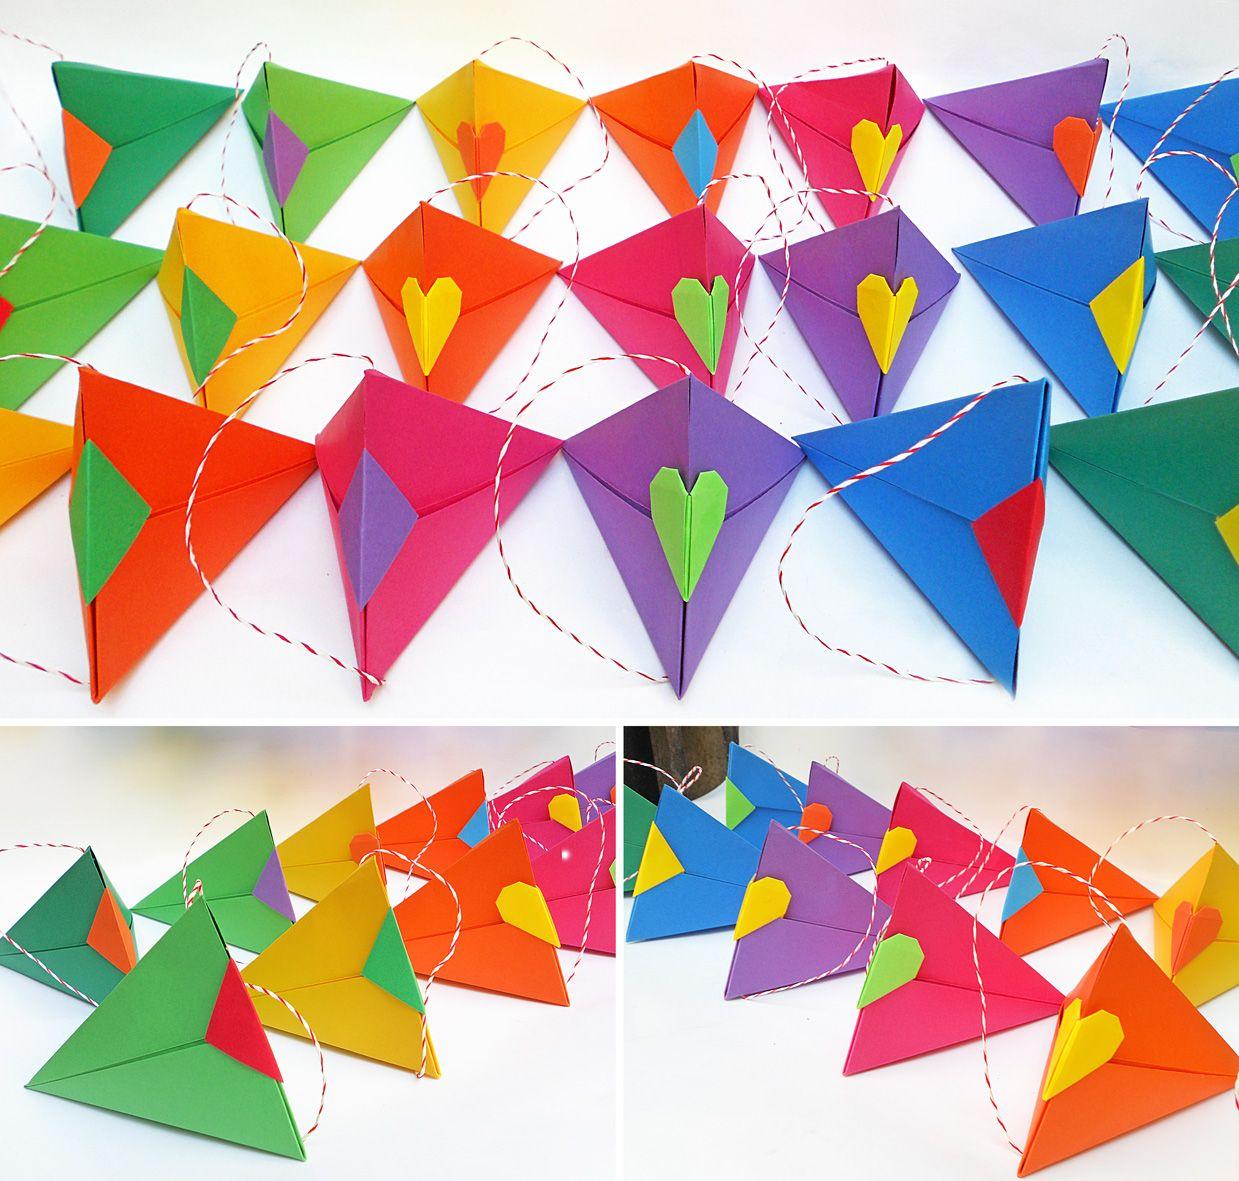 Origami Cajas Triangulares Multicolor Mis Origamis Pinterest